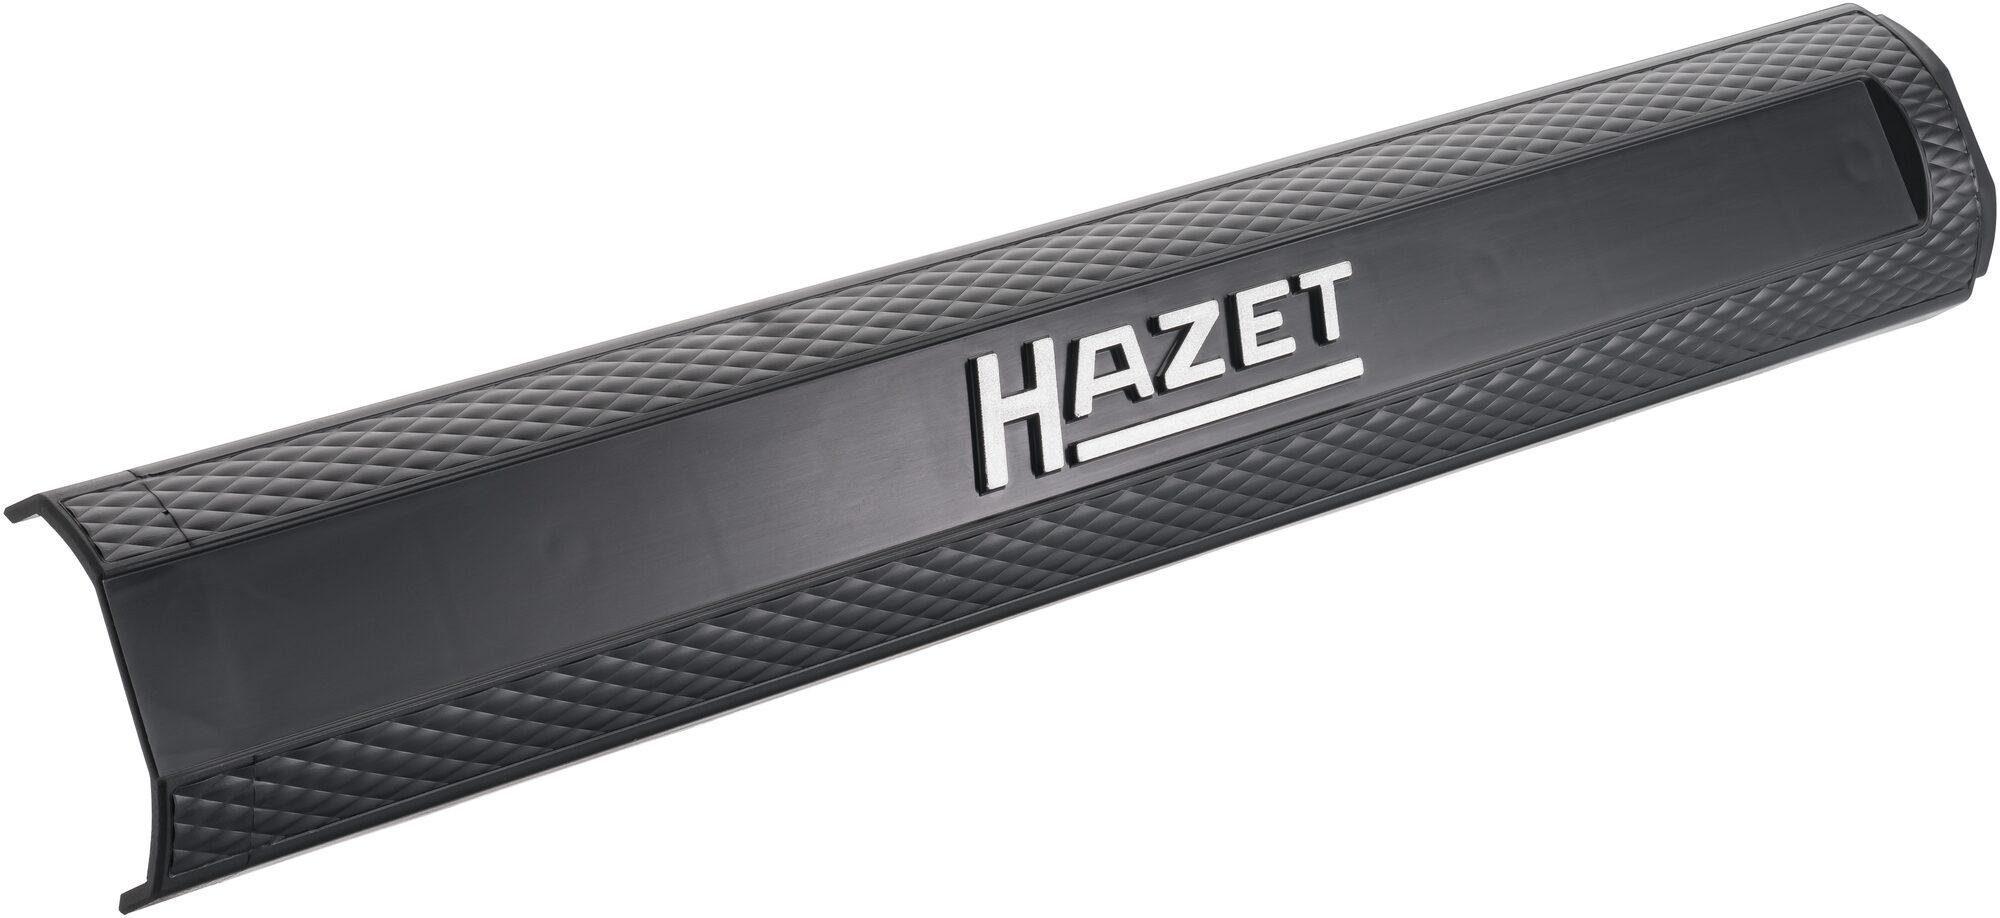 HAZET Kantenschutz ∙ oben 179N-094A